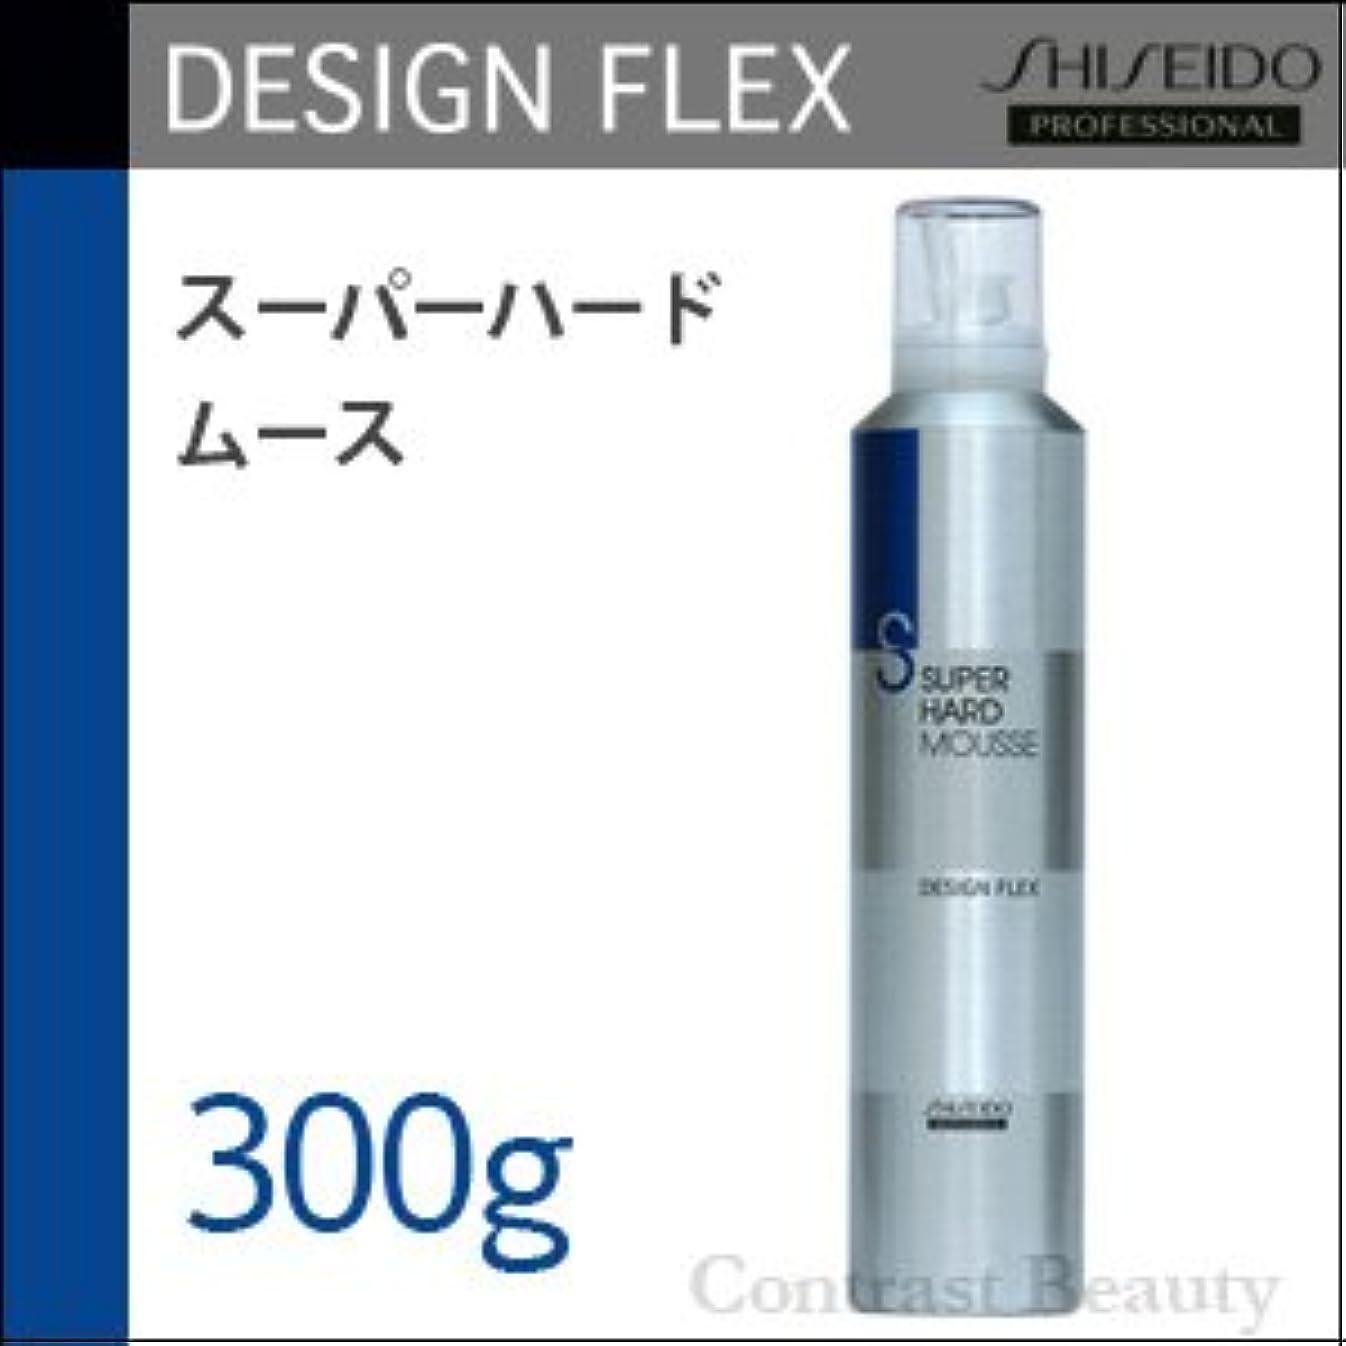 の間で関与する市長【x3個セット】 資生堂 デザインフレックス スーパーハードムース 300g